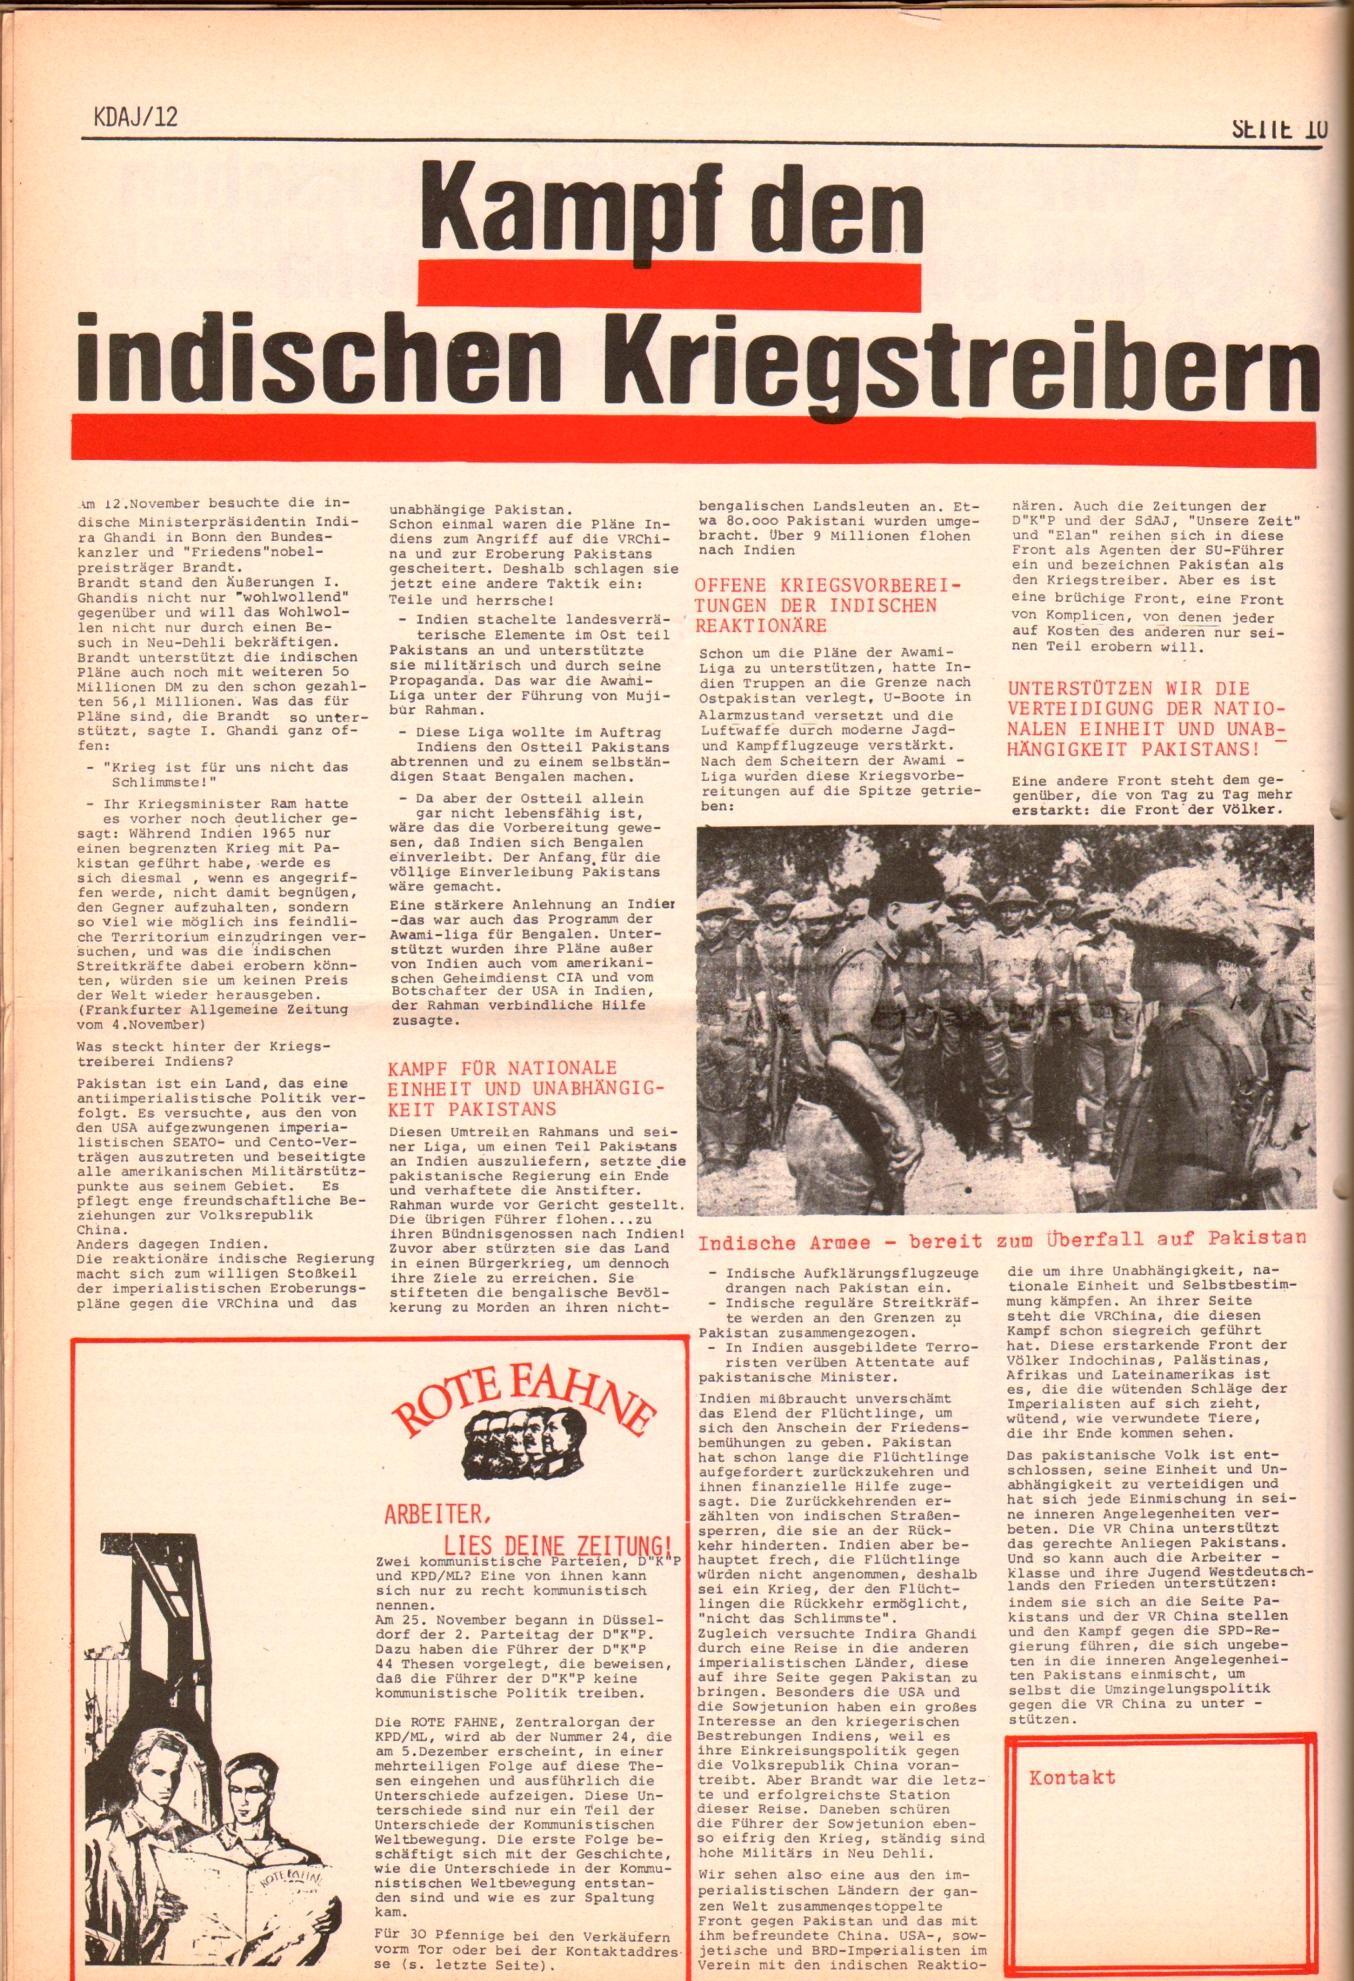 KJVD_KDAJ_1971_12_10